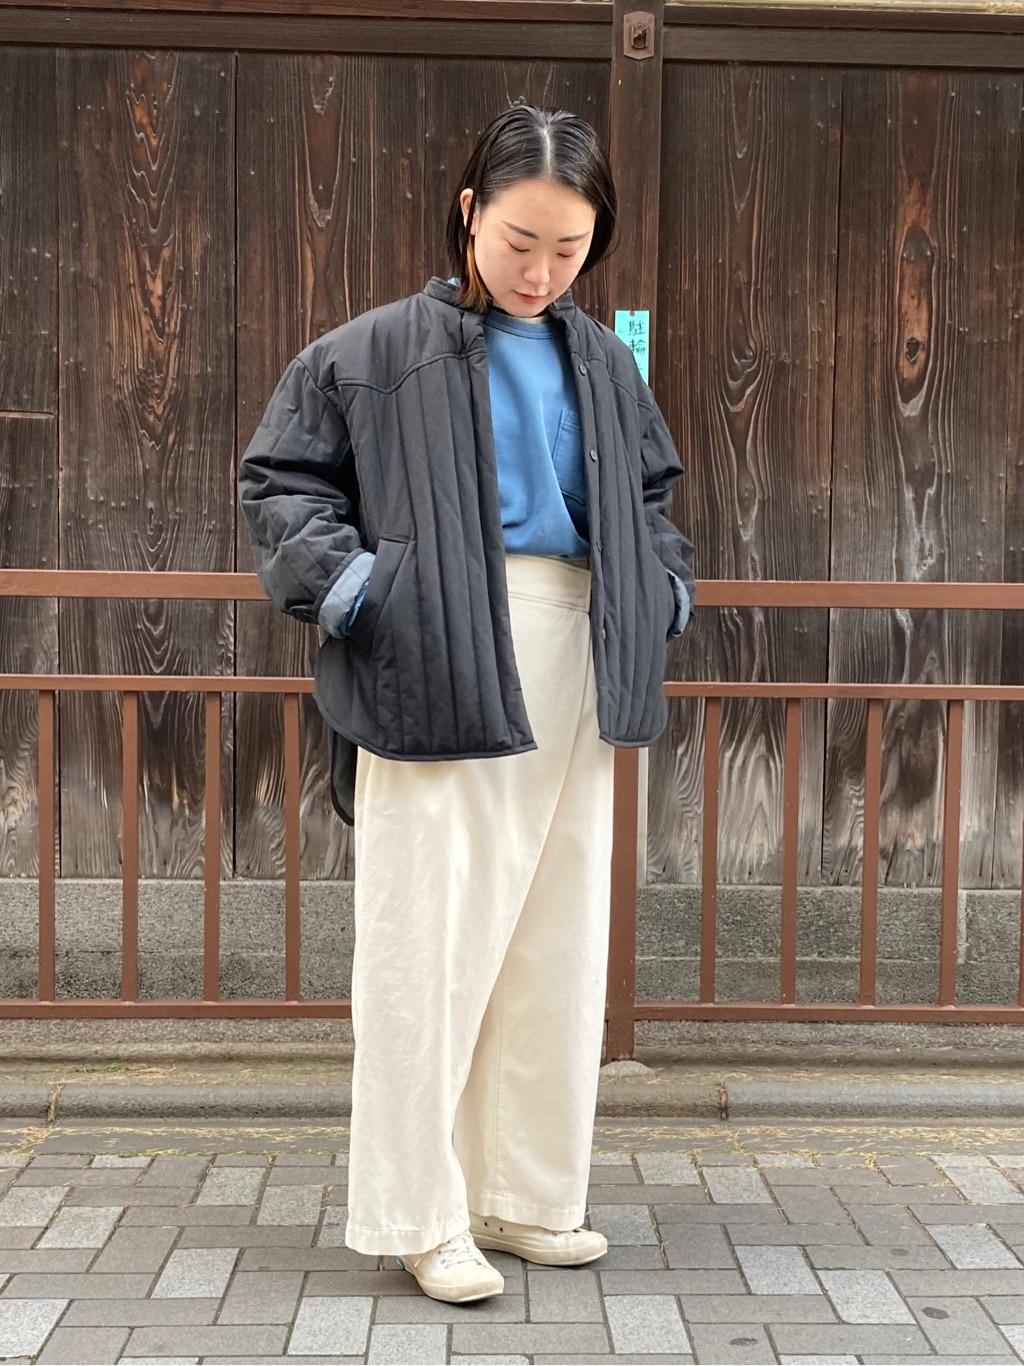 京都路面 2020.11.11